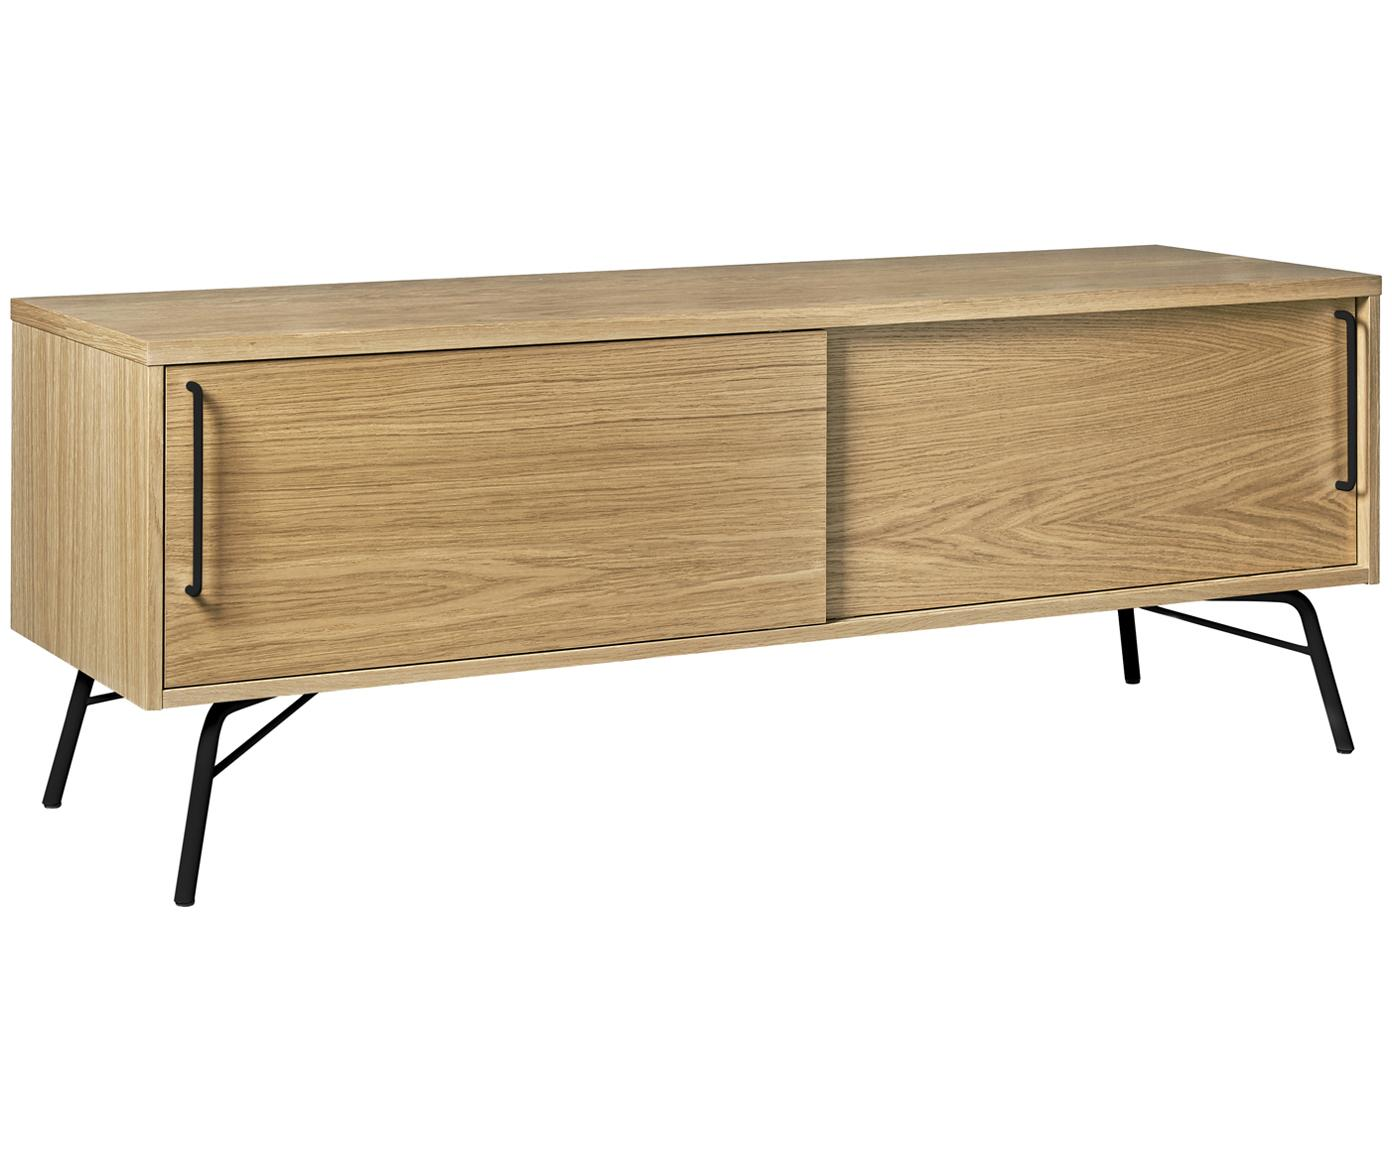 Tv-meubel Ashburn met eikenhoutfineer, Frame: spaanplaat, eikenfineer, Frame: eikenkleurig. Poten en handgrepen: mat zwart, 145 x 53 cm